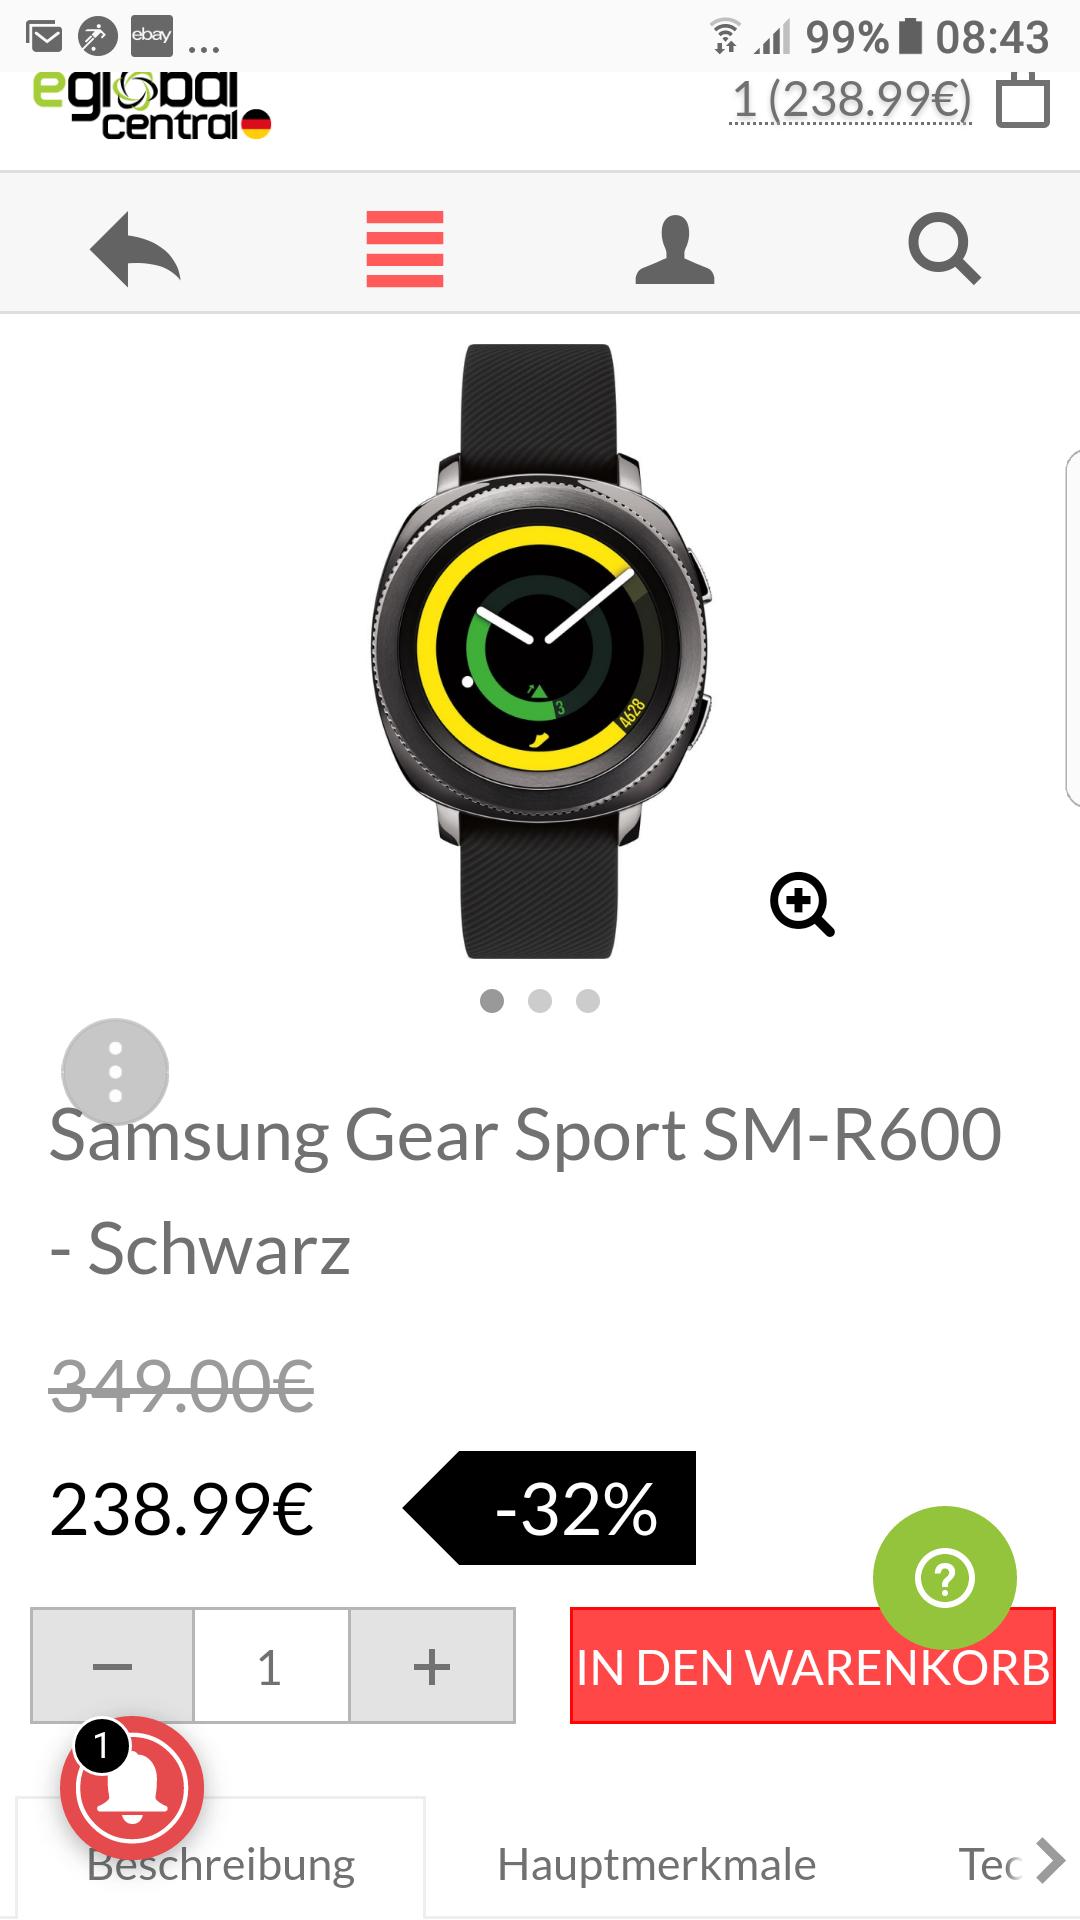 Samsung Gear Sport SM-R600 - Schwarz